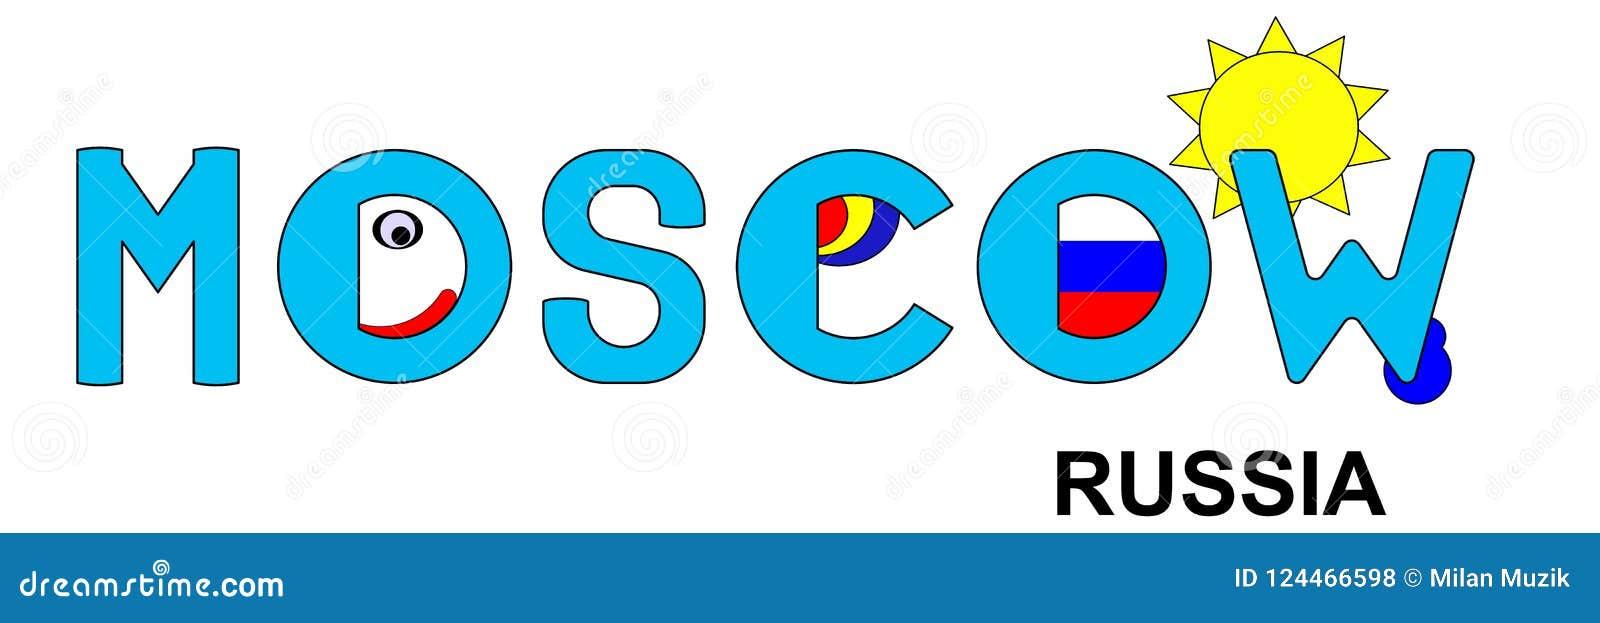 Moskau - Russland, abstrakte Aufschrift im Blau